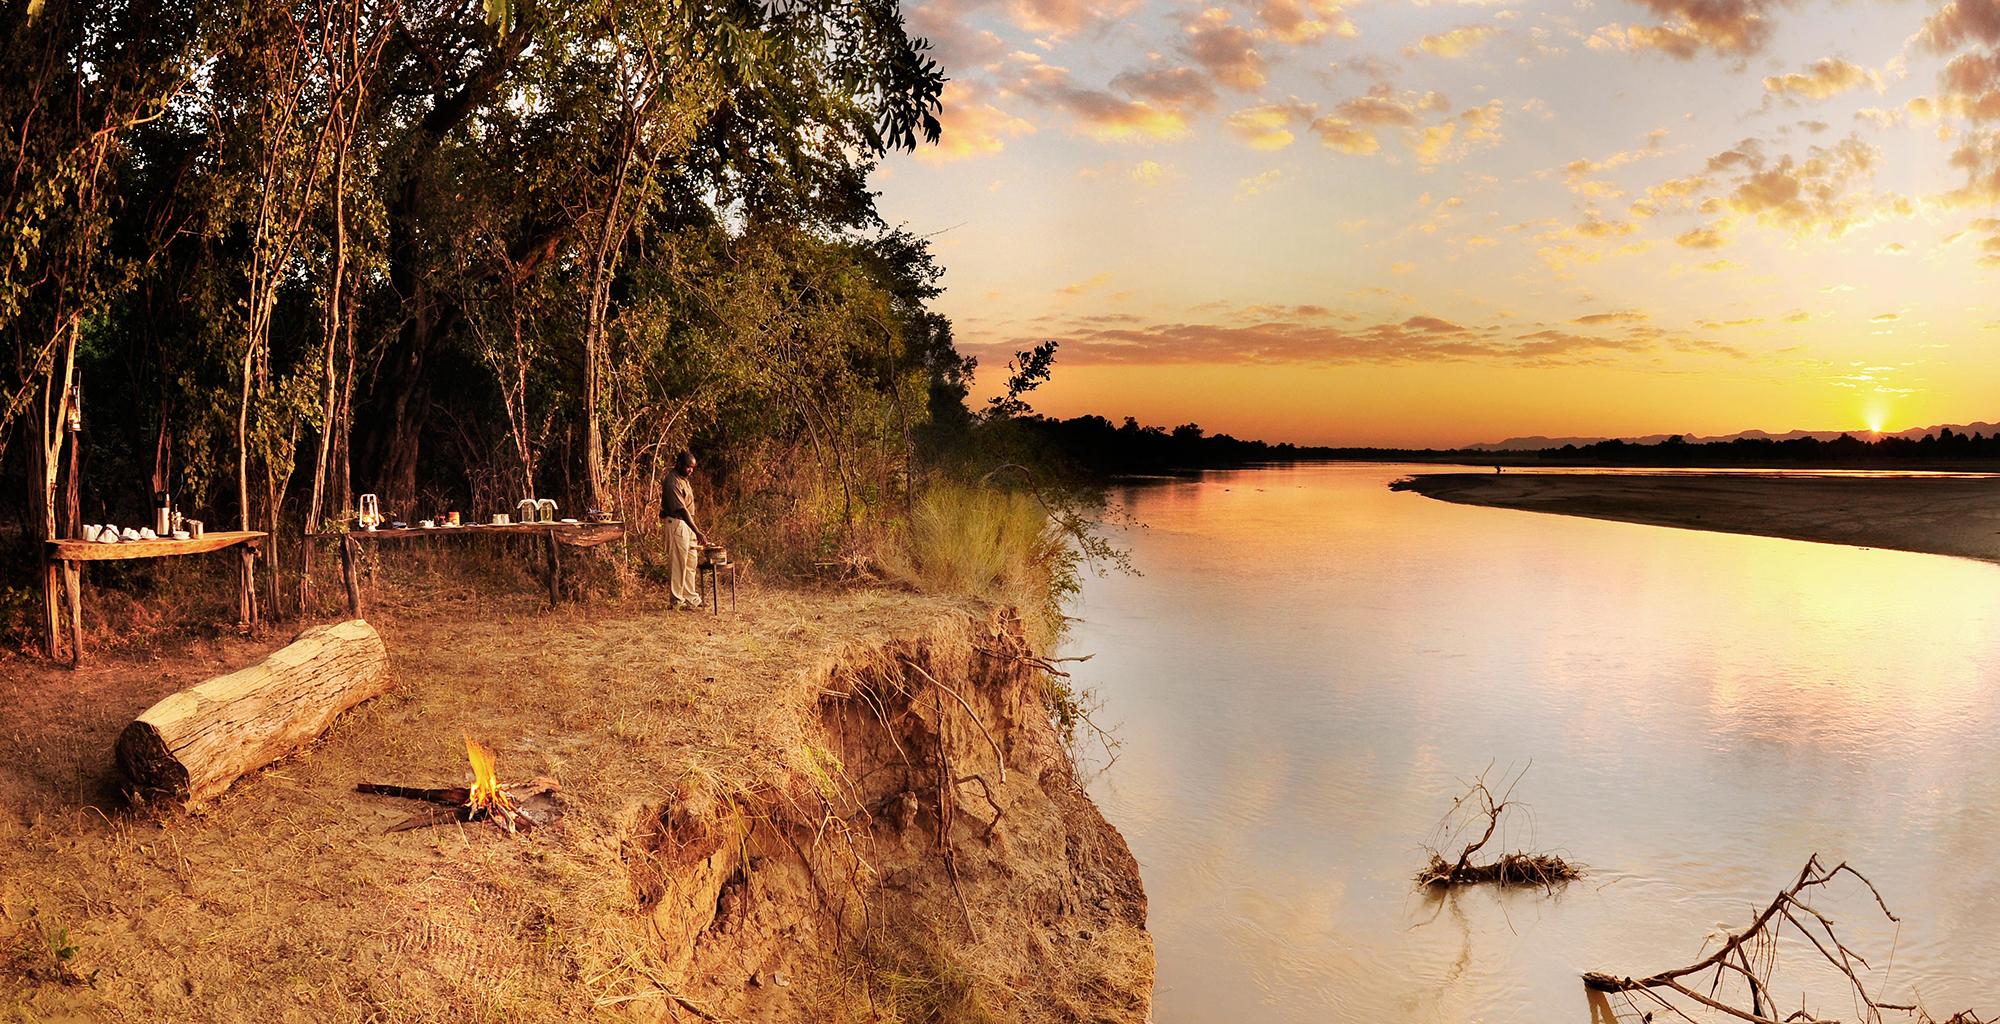 Zambia-Bilimungwe-Bushcamp-River-Sunset